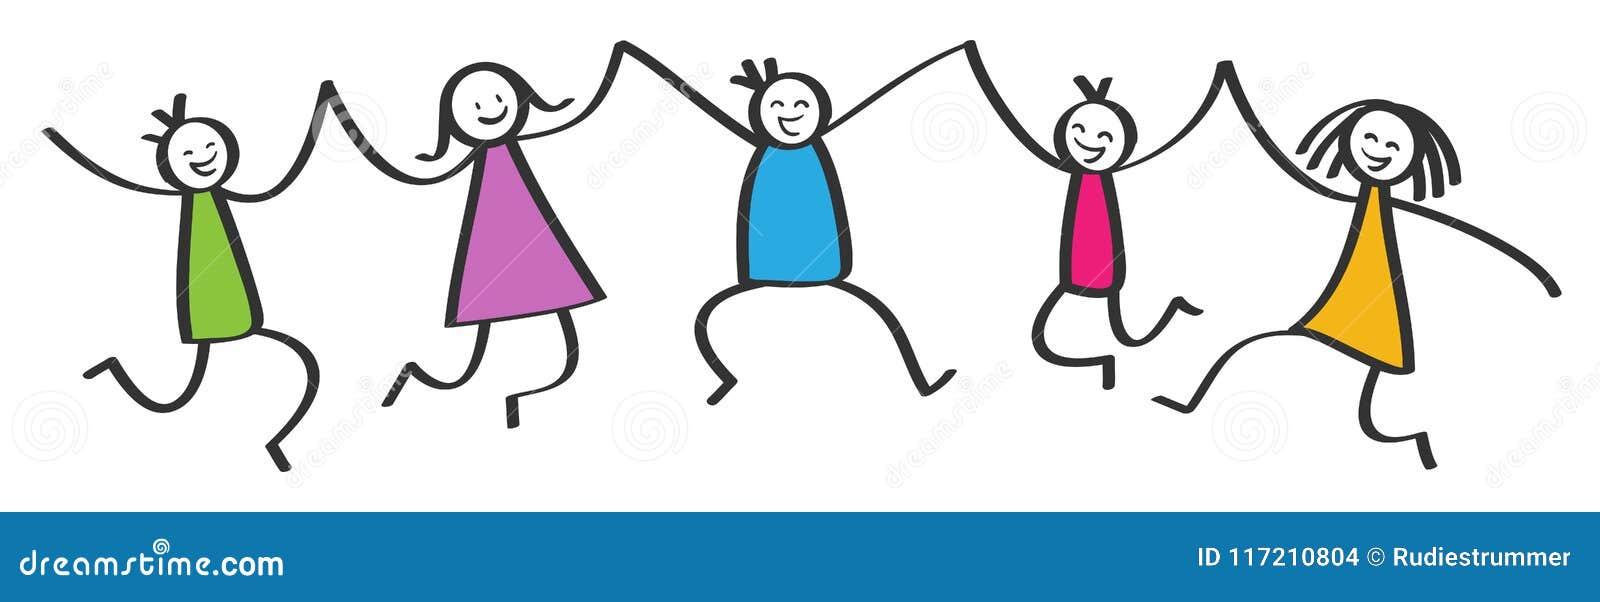 Chiffres simples de bâton, cinq enfants colorés heureux sautant, tenant des mains, le sourire et rire